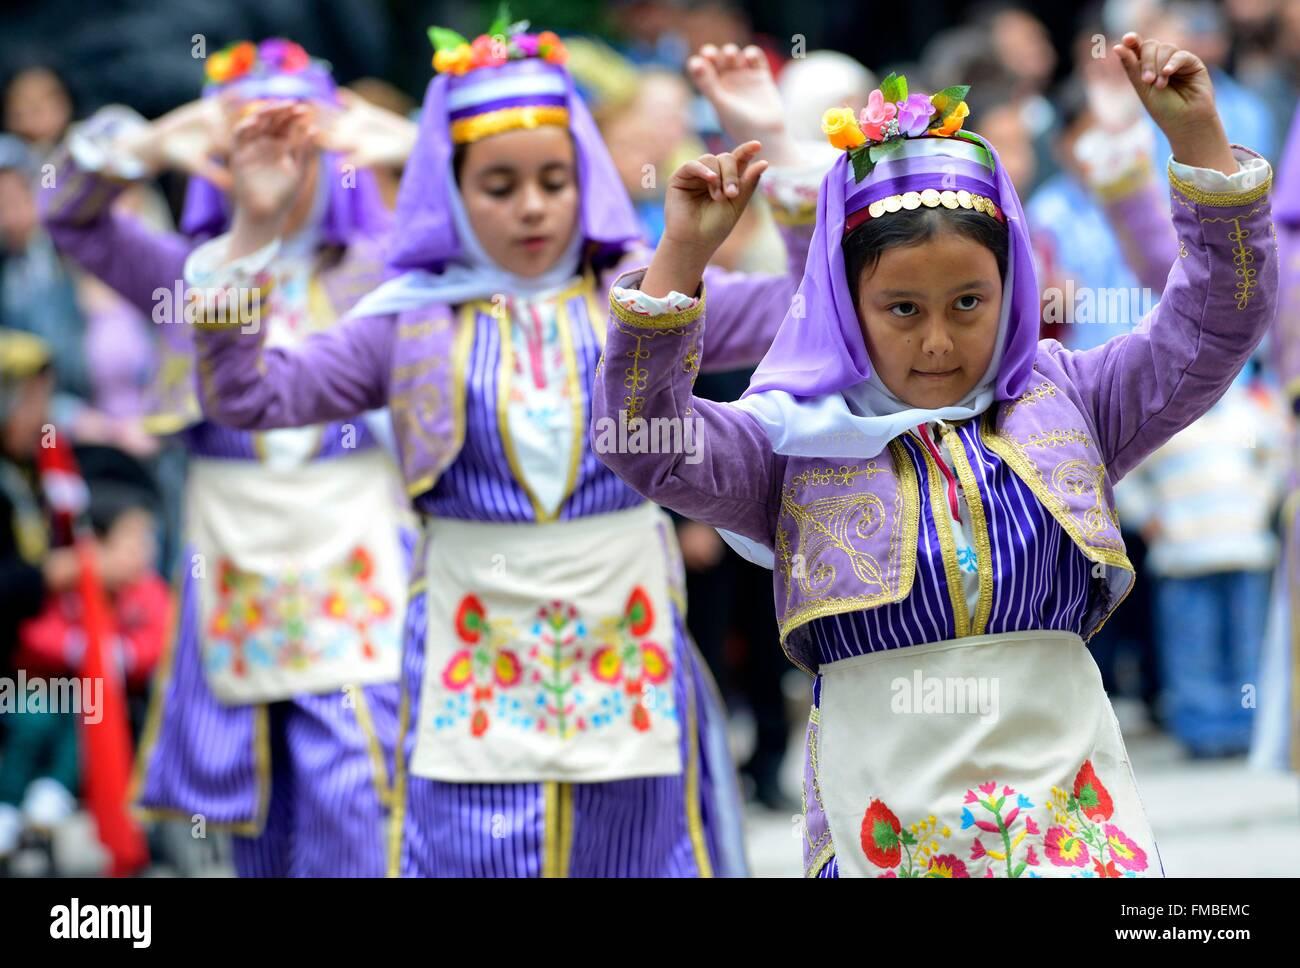 Turquía, la región de Mármara, Bandirma, niños durante un espectáculo tradicional en ocasión Imagen De Stock